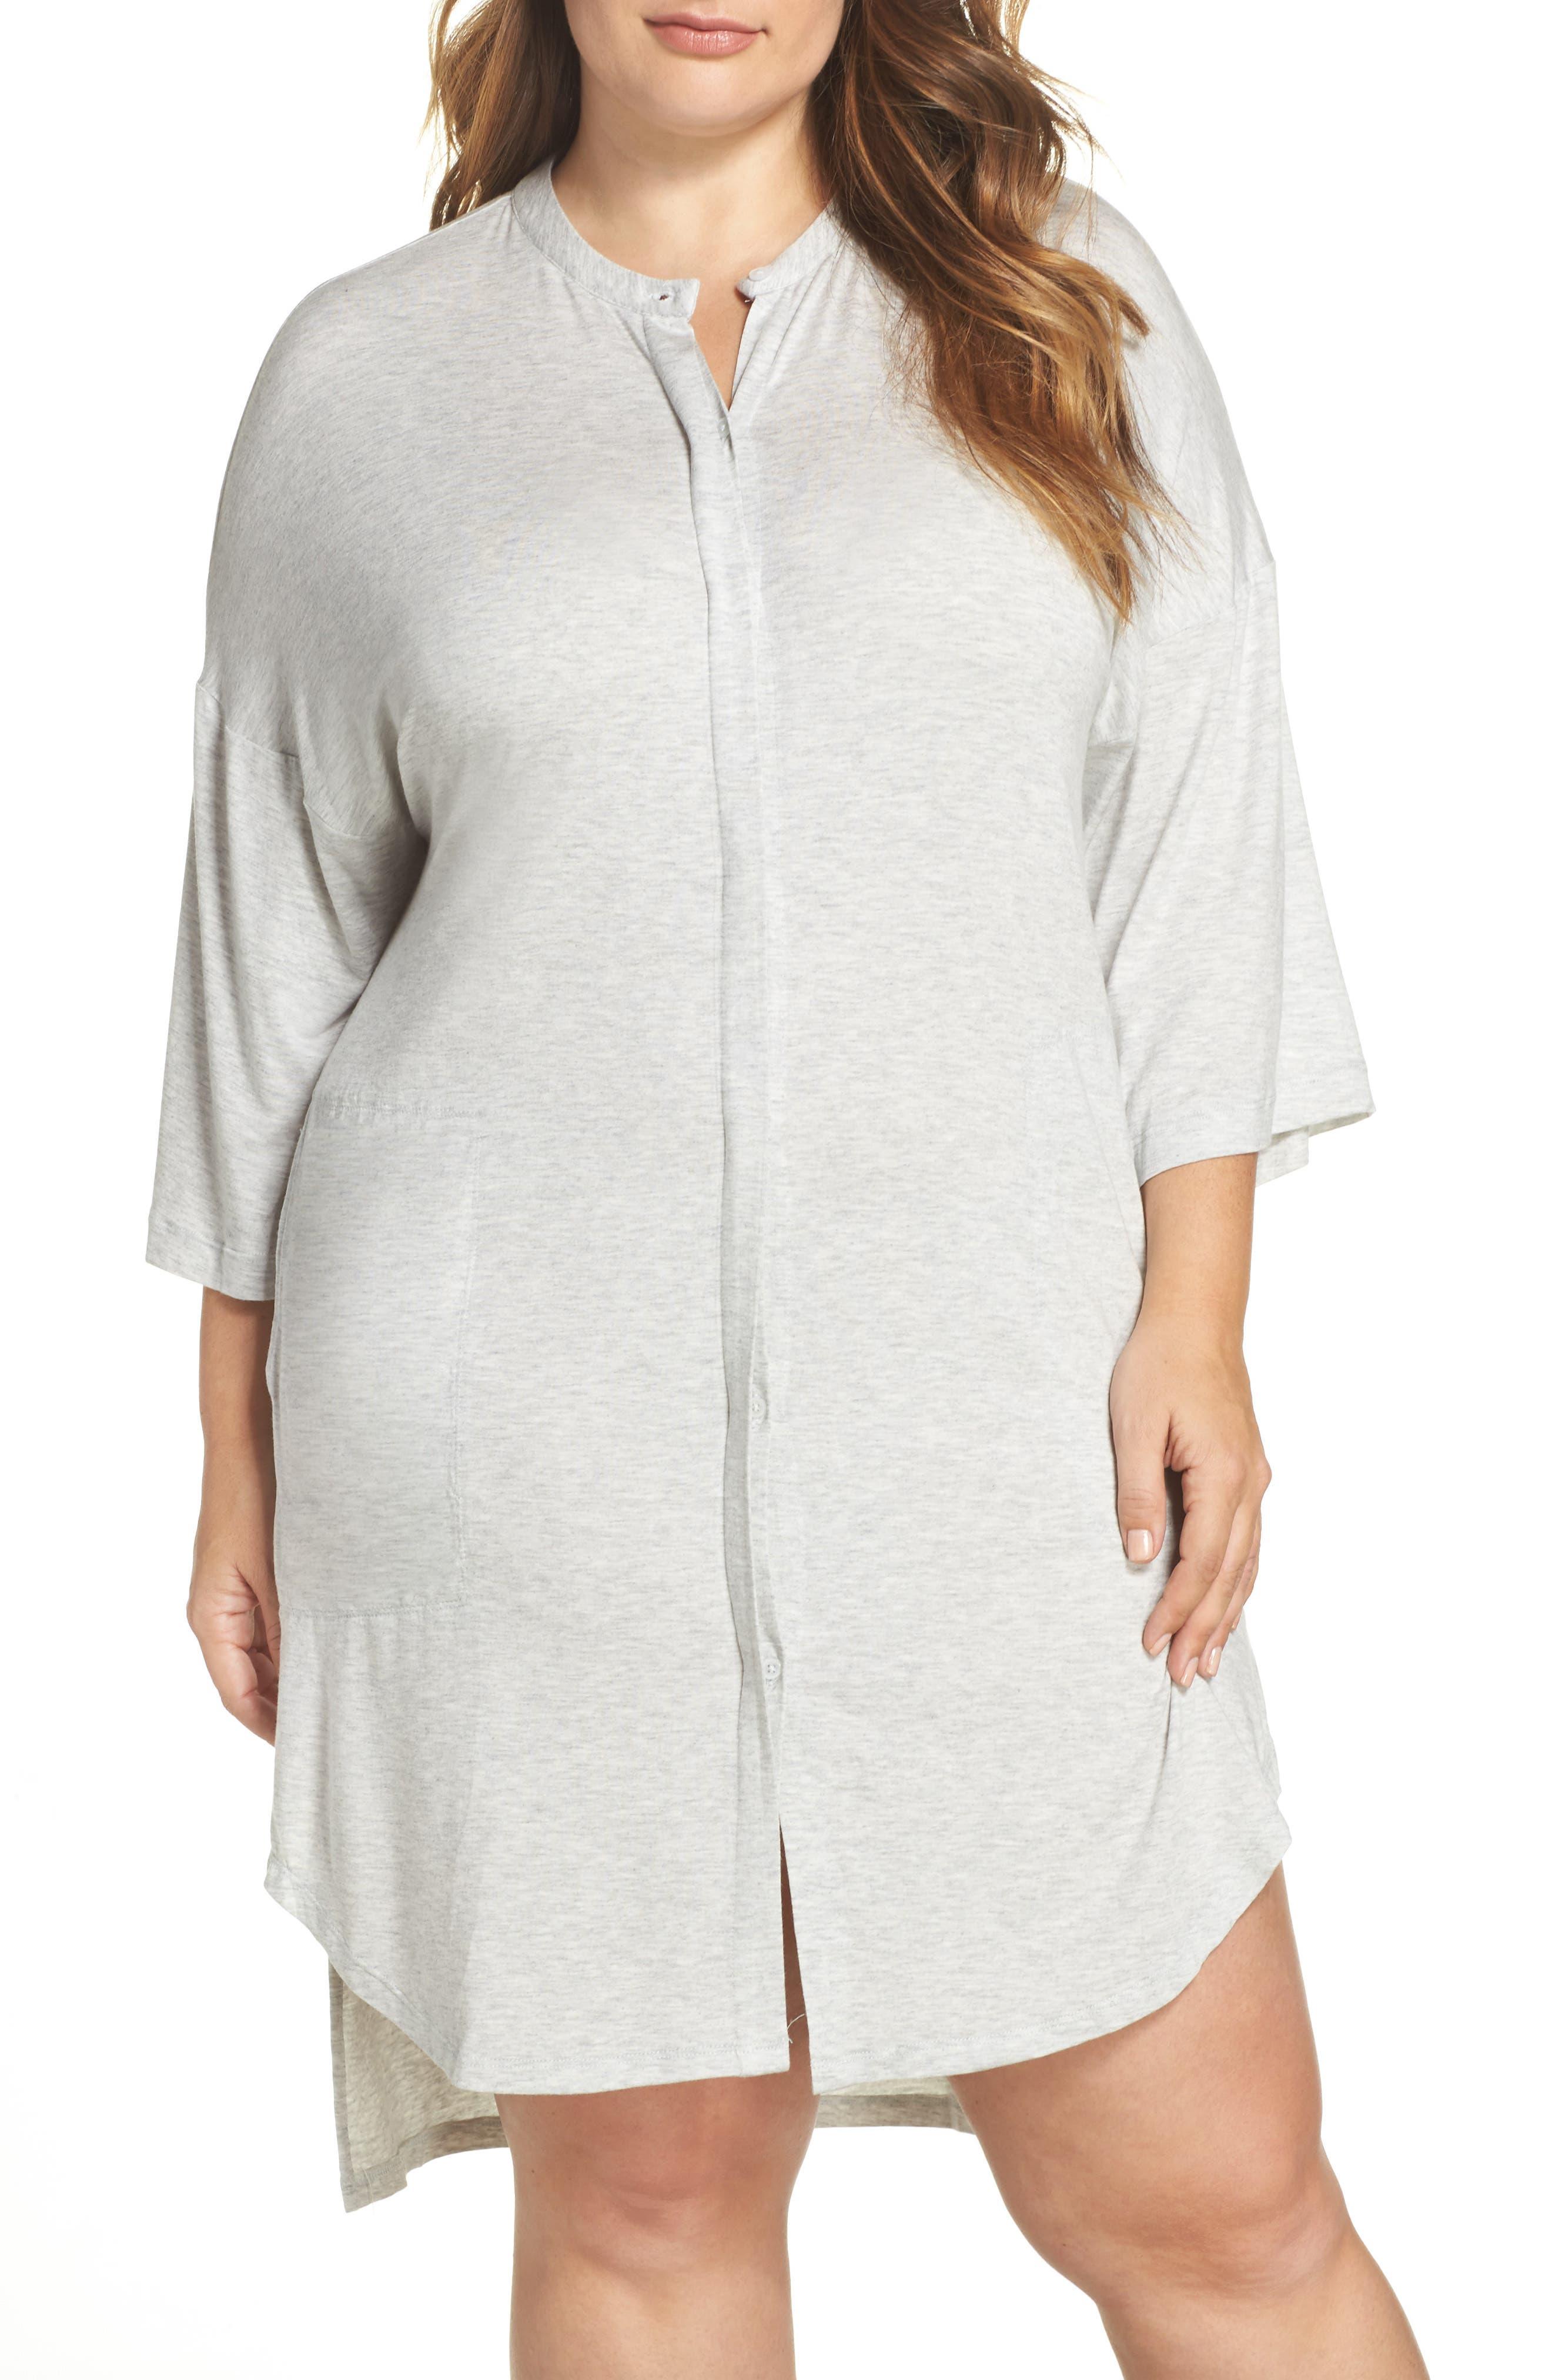 DKNY Knit Sleep Shirt (Plus Size)